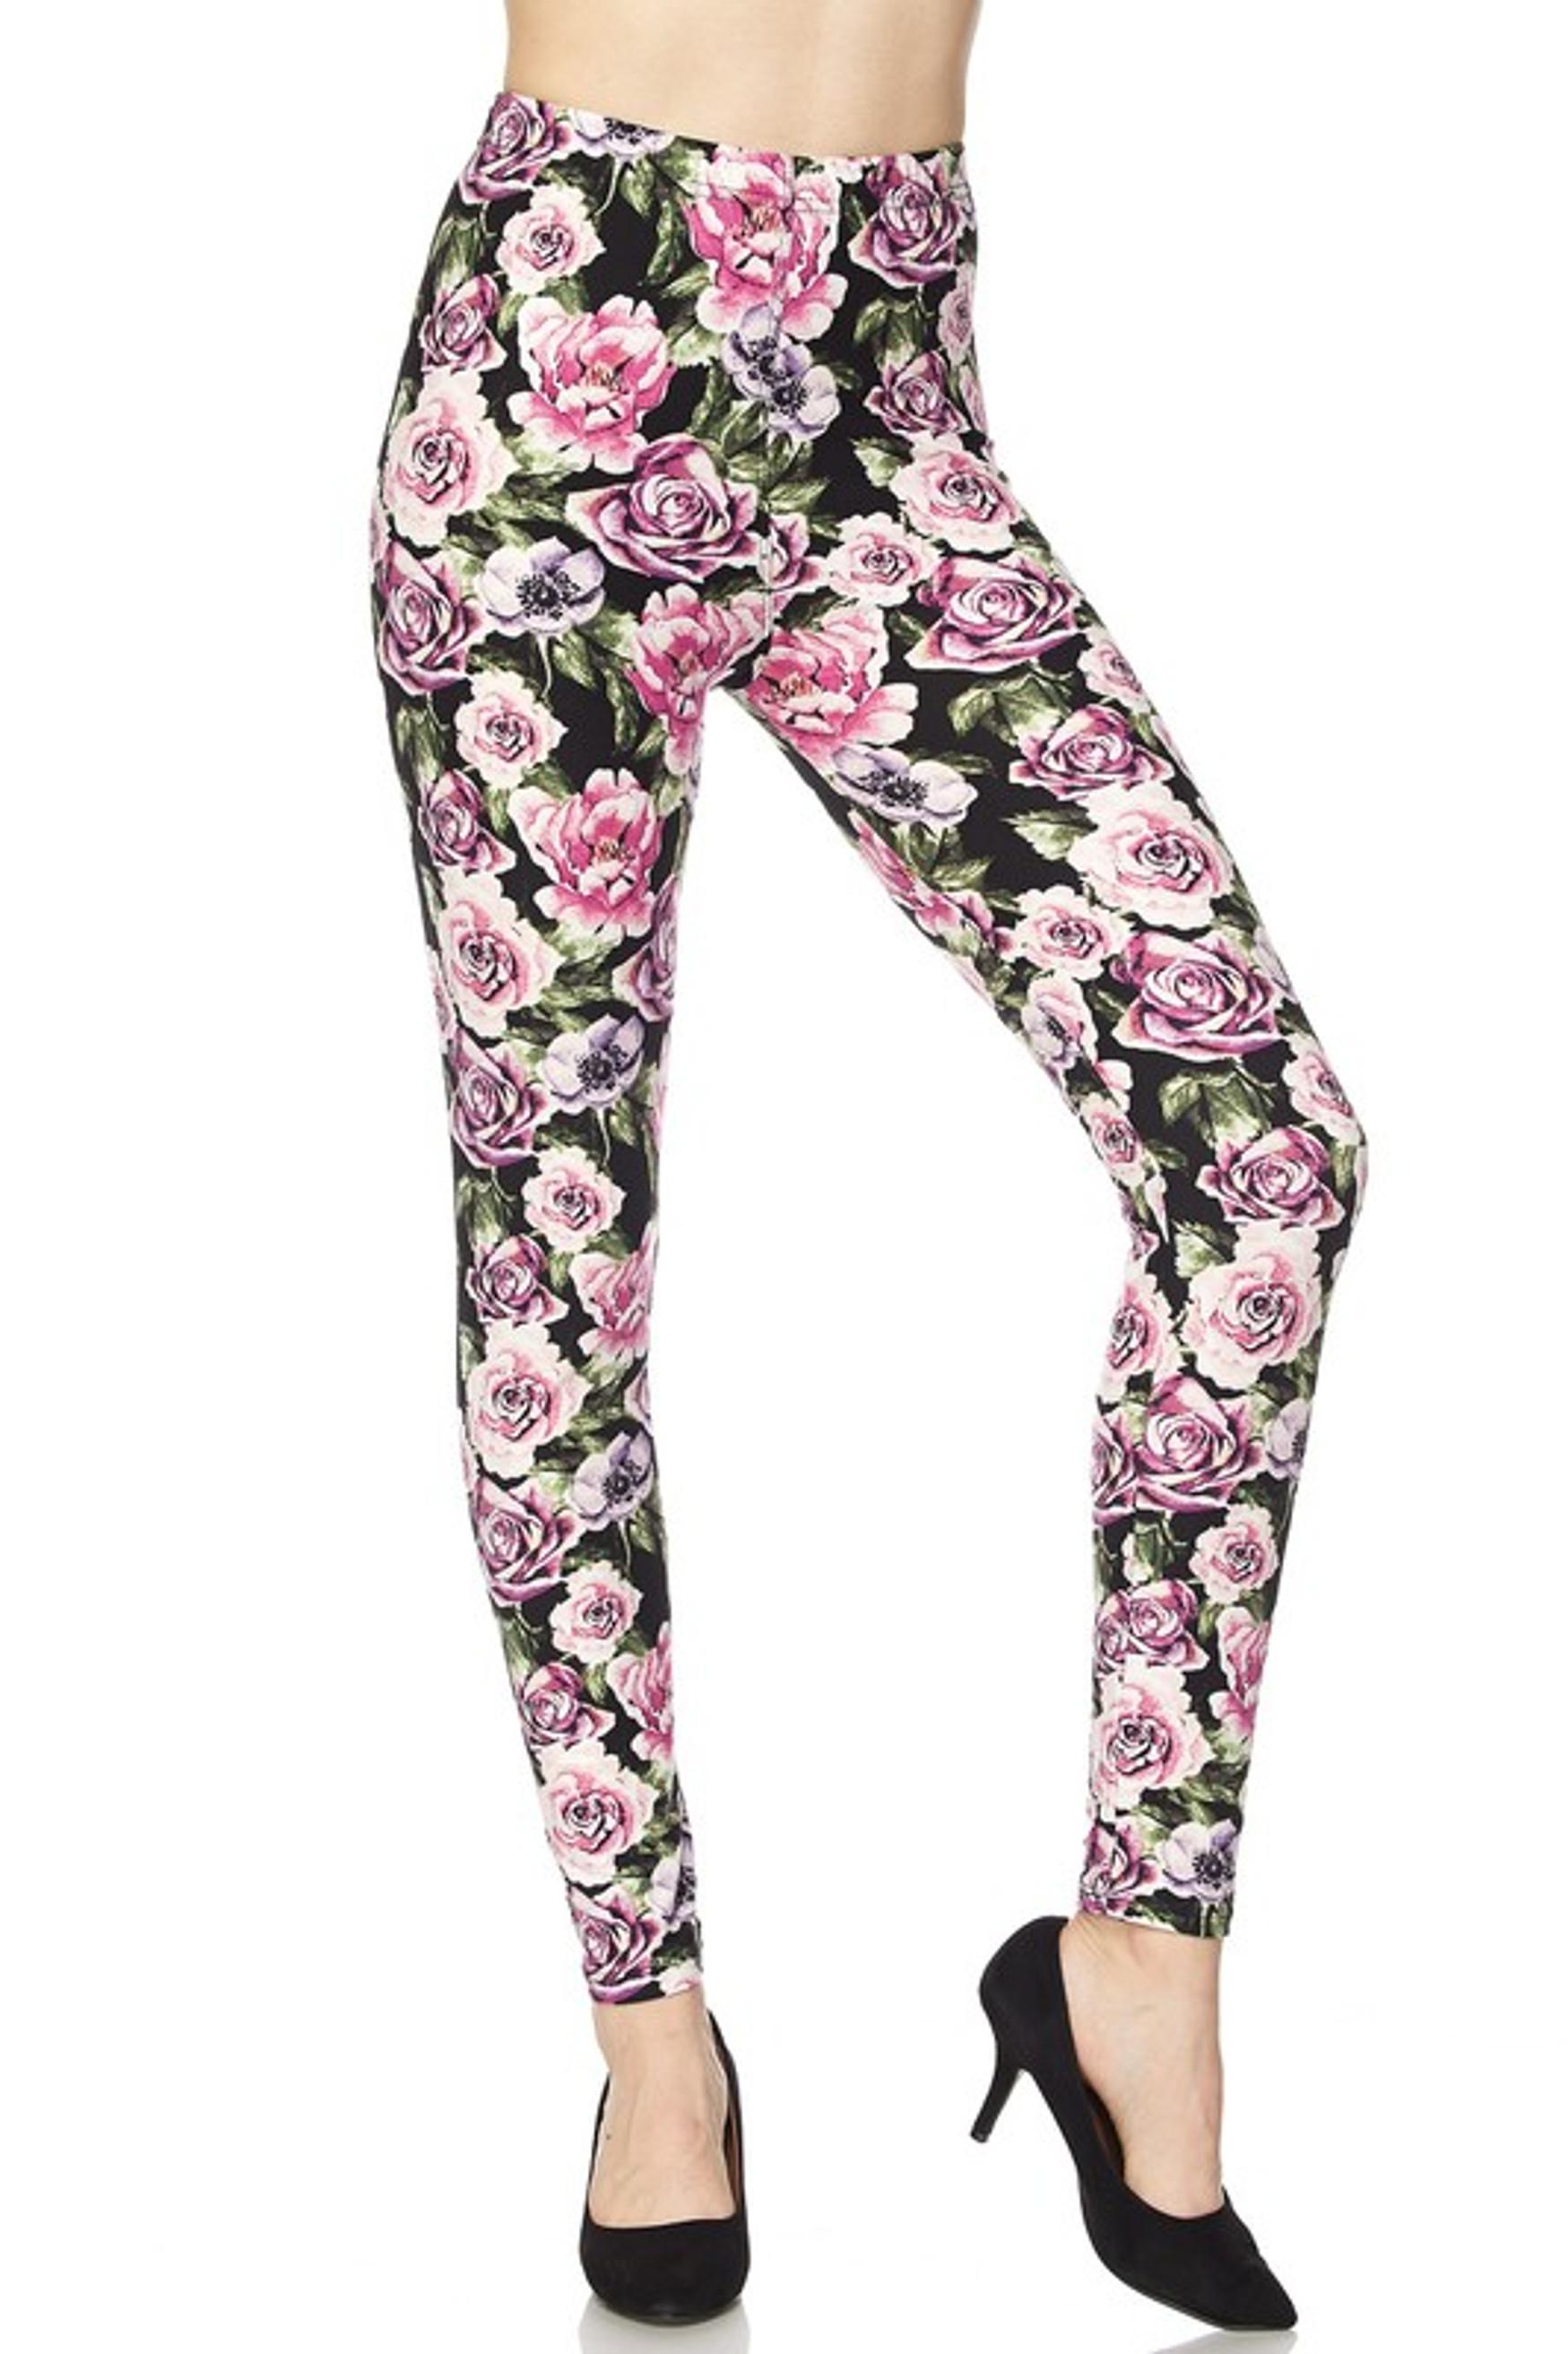 Rustic Pink Rose Leggings